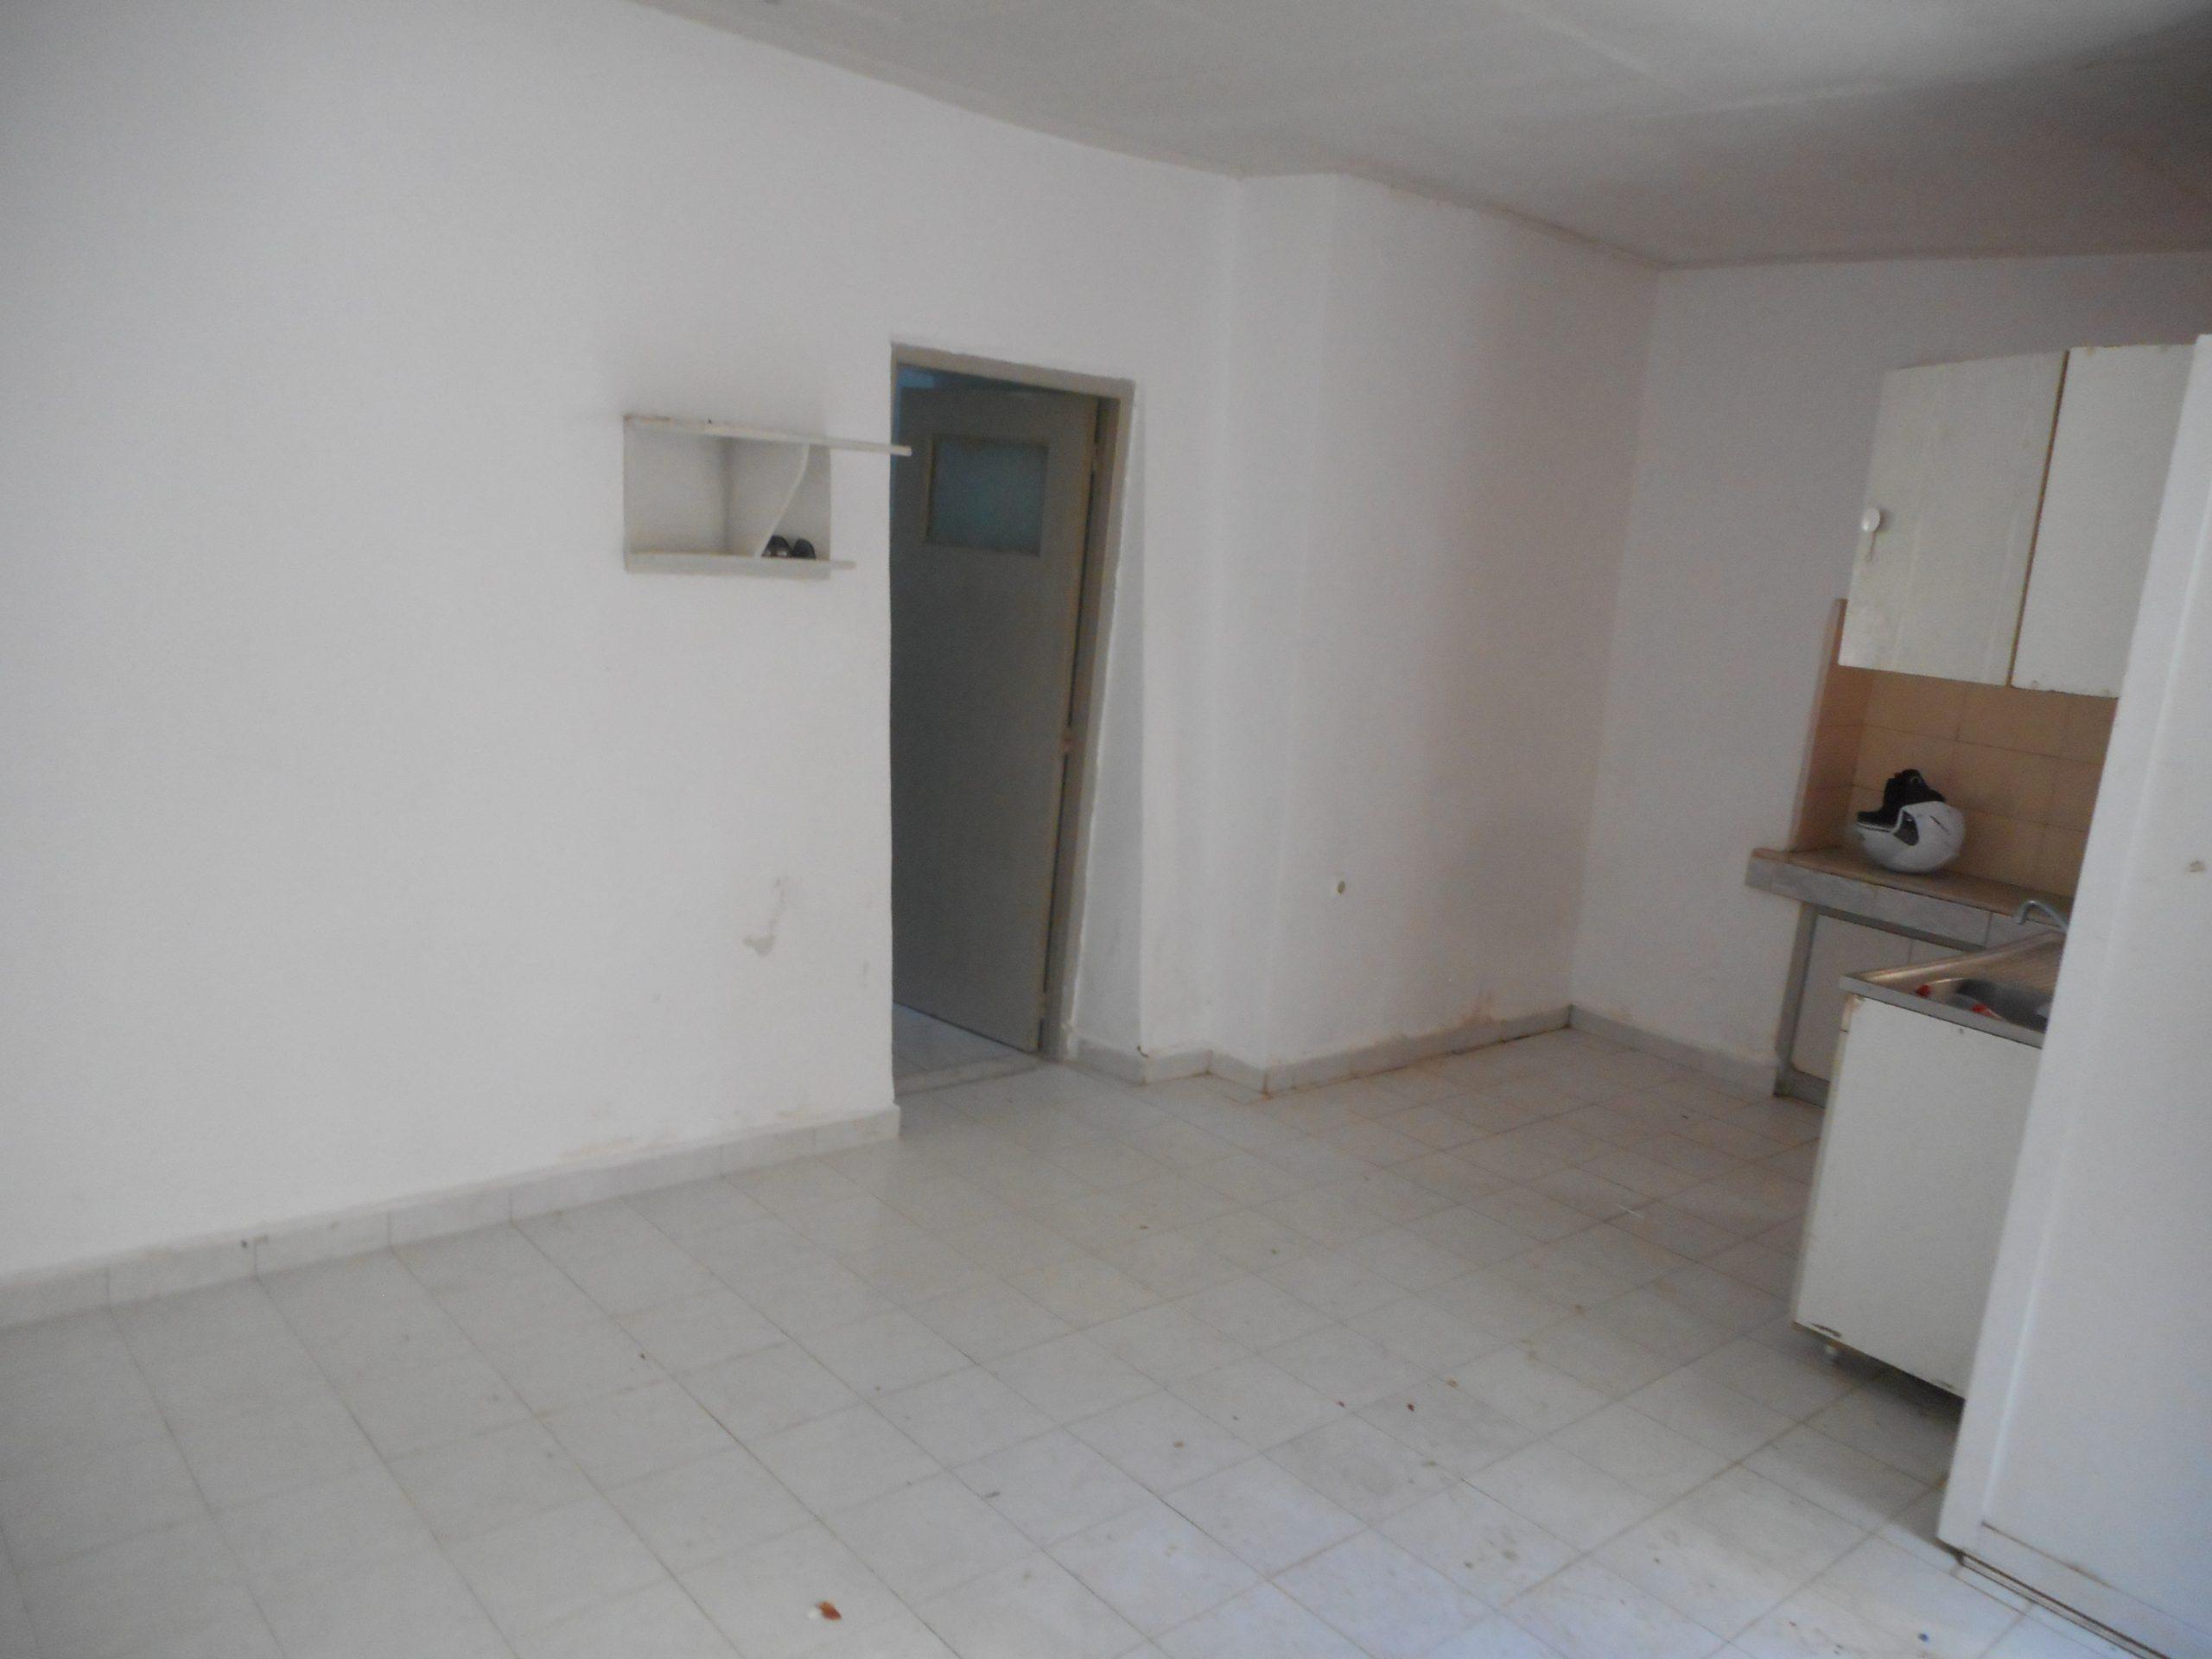 Πωλείται δίχωρη Μονοκατοικία στα Χανιά –Πελεκαπίνα 48 τ.μ.